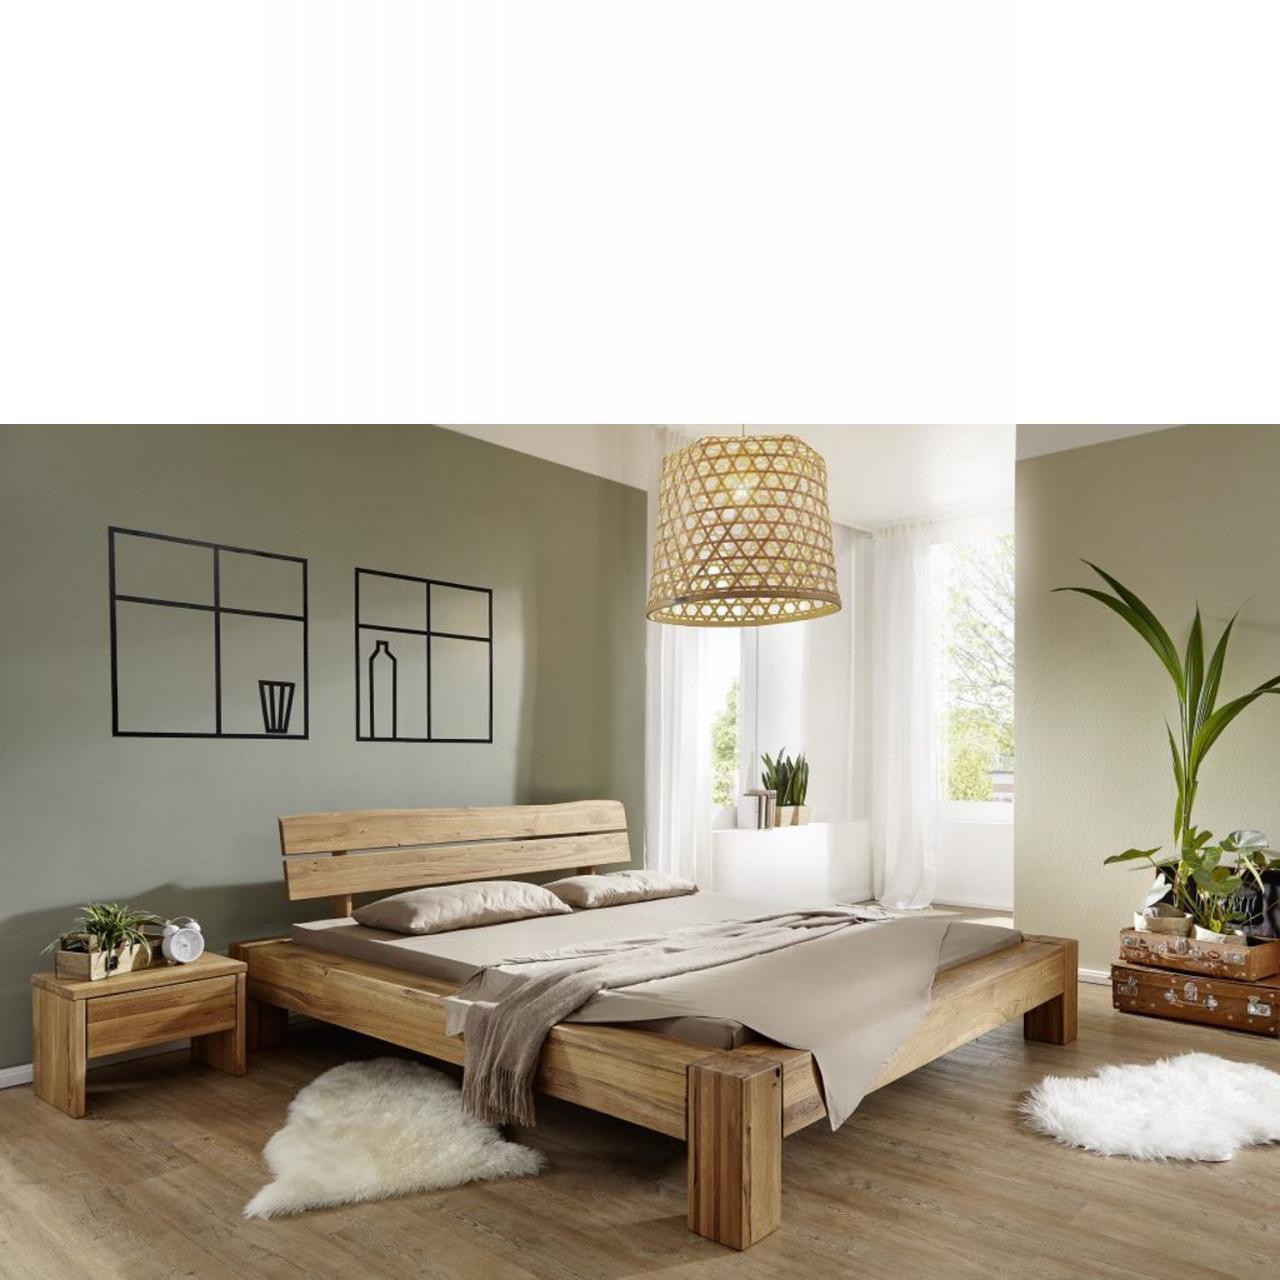 bett wildeiche massiv 180x200 cm mit kopfteil m bel j hnichen center gmbh. Black Bedroom Furniture Sets. Home Design Ideas